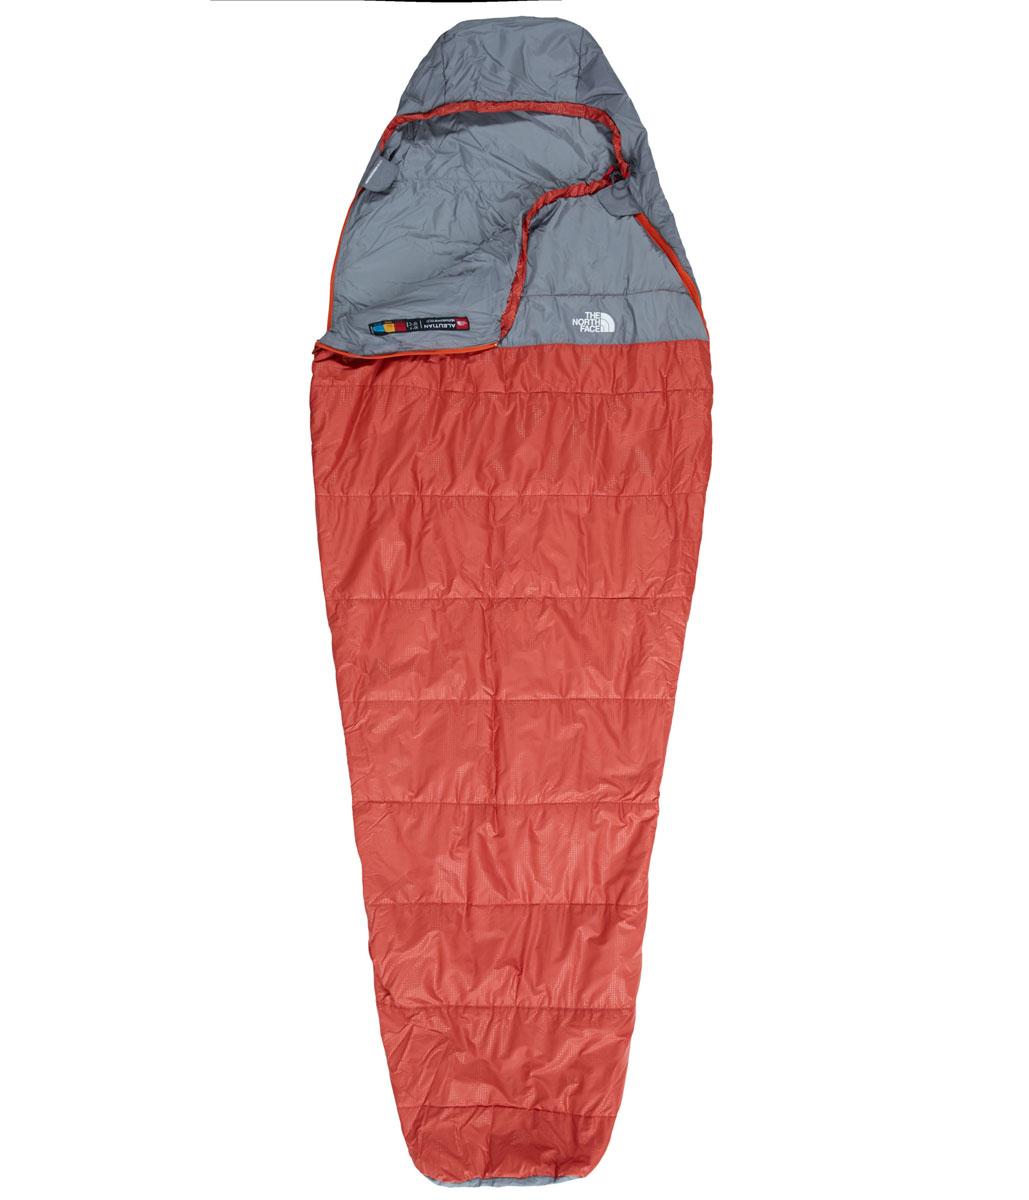 Спальный мешок The North Face Aleutian 50/10, цвет: красный. T0A3A8M1RLH LNGT0A3A8M1RLH LNGCпальный мешок для прохладной погоды, который можно целиком расстегнуть и расстелить в качестве пола в палатке. Вместительный, универсальный, теплый, комфортный и при этом практичном.